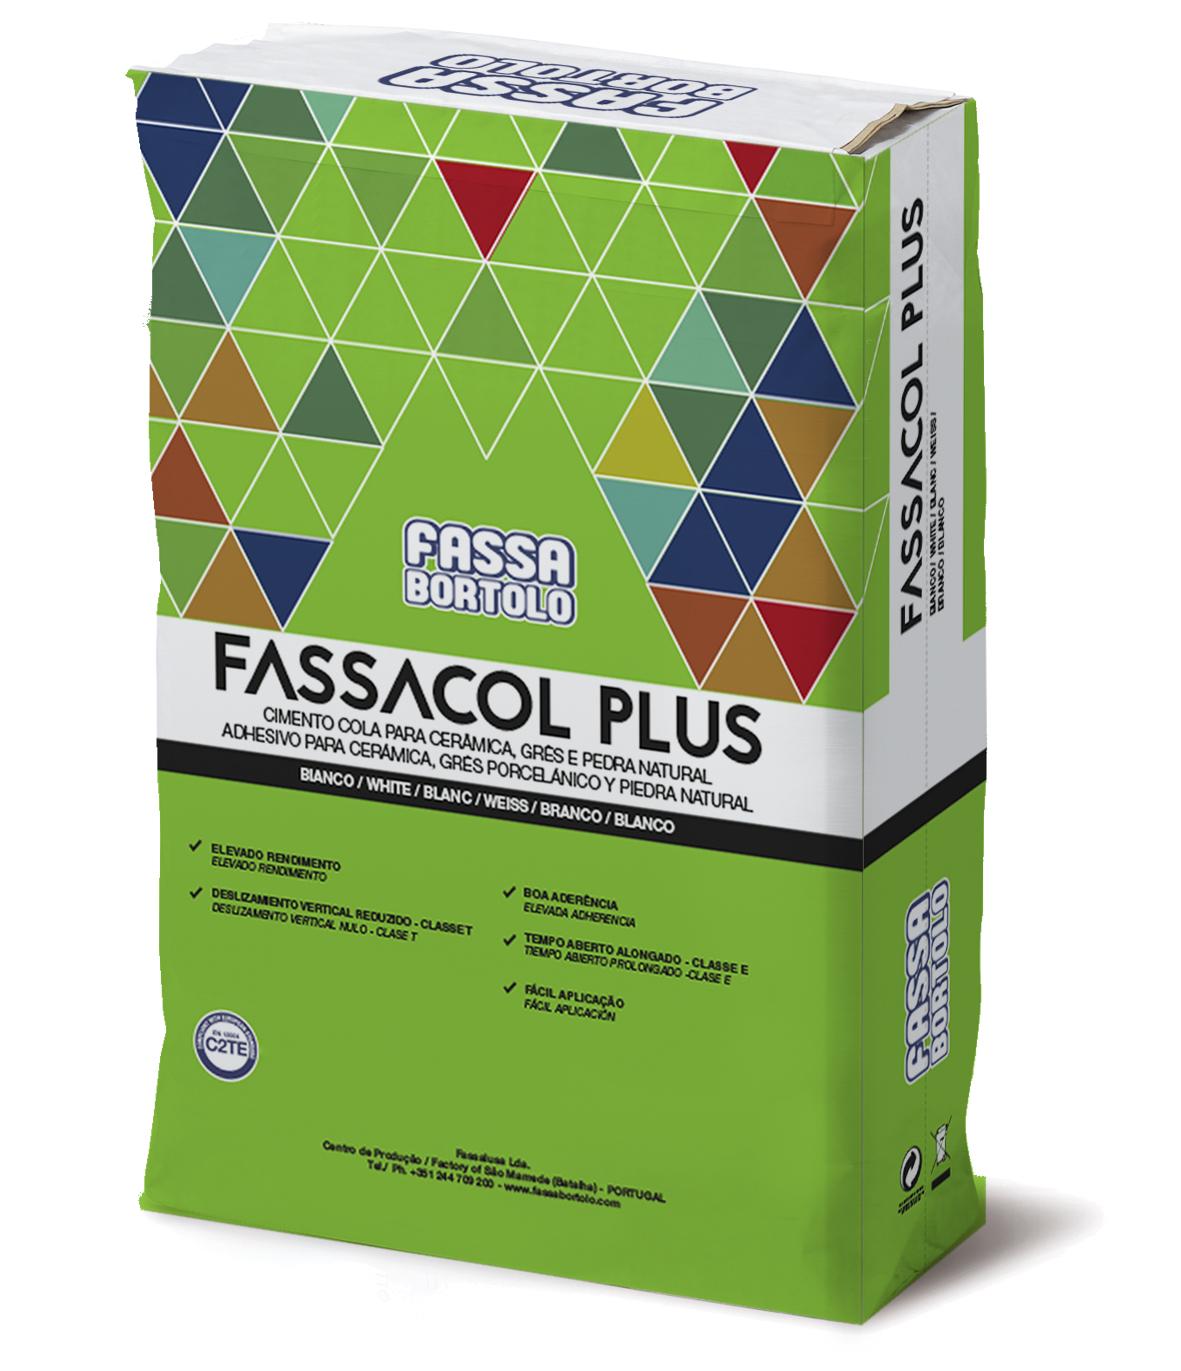 FASSACOL PLUS: Cimento-cola de base cimentícia, monocomponente, branco e cinza, para pavimentos e revestimentos quer no interior como no exterior